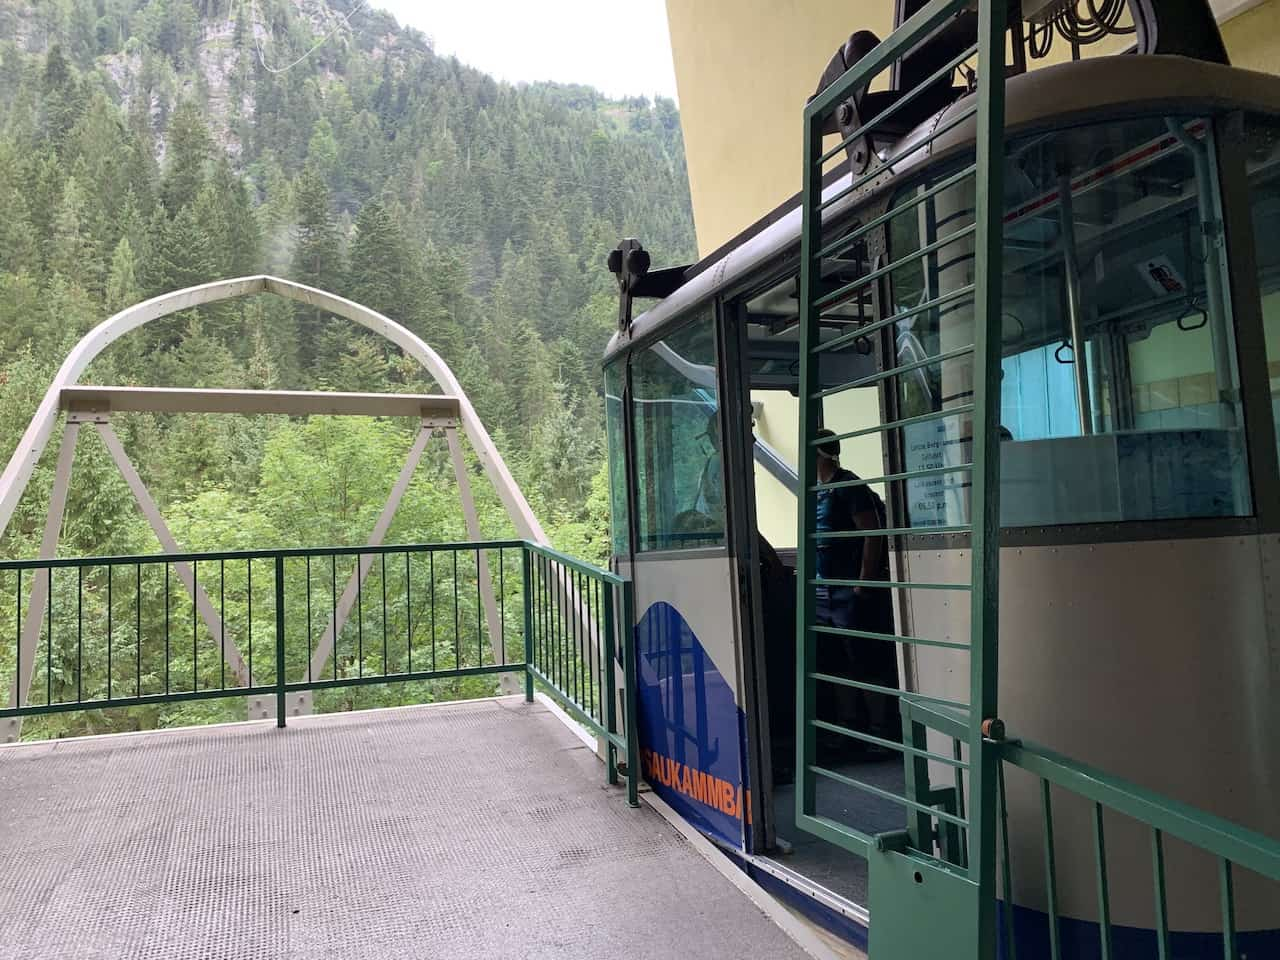 Gosaukammbahn